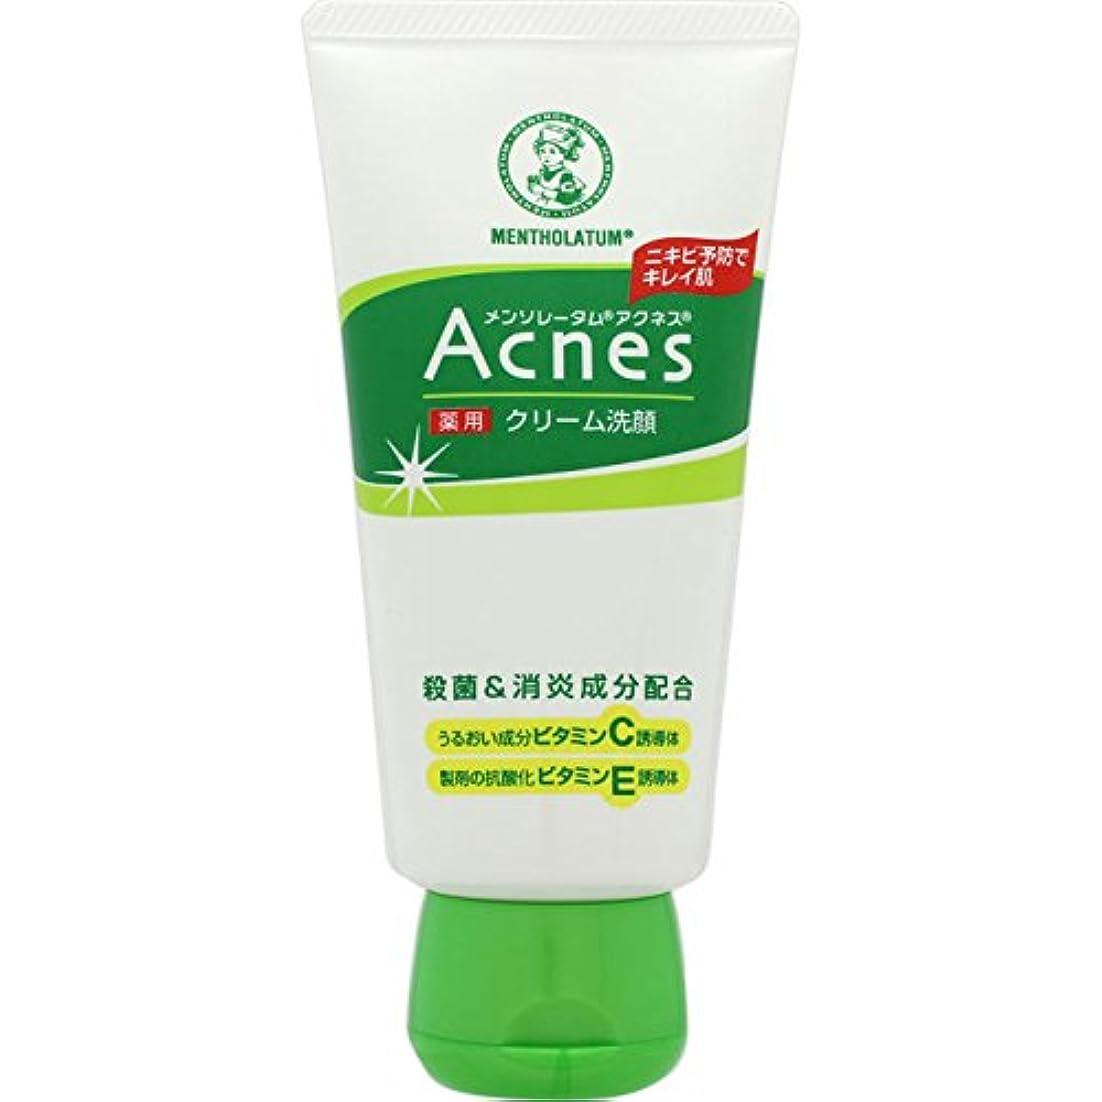 サンダース池ちょっと待ってアクネス 薬用クリーム洗顔 130g【医薬部外品】